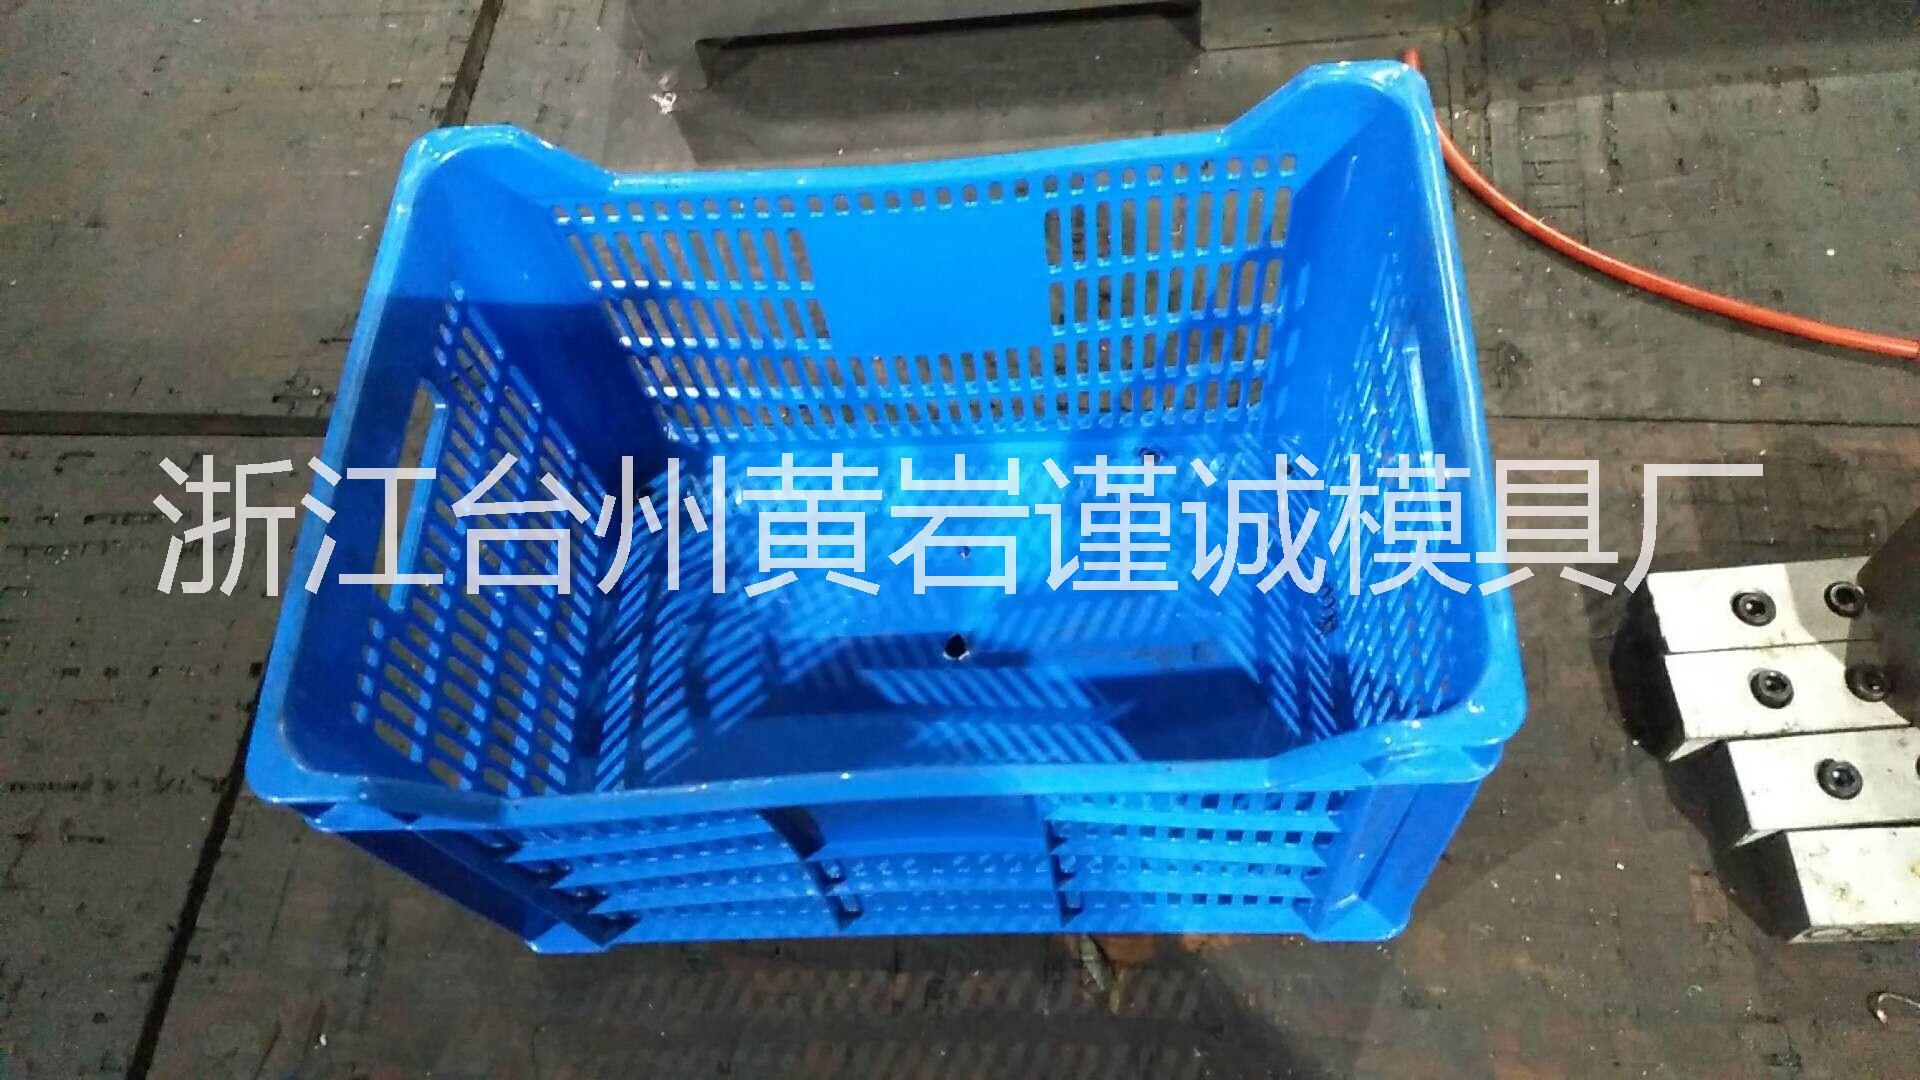 塑料周转箱模具|台州塑料整理箱模具价格|台州塑料箱子模具厂家|台州塑料折叠箱模具批发|塑料整理箱模具价格